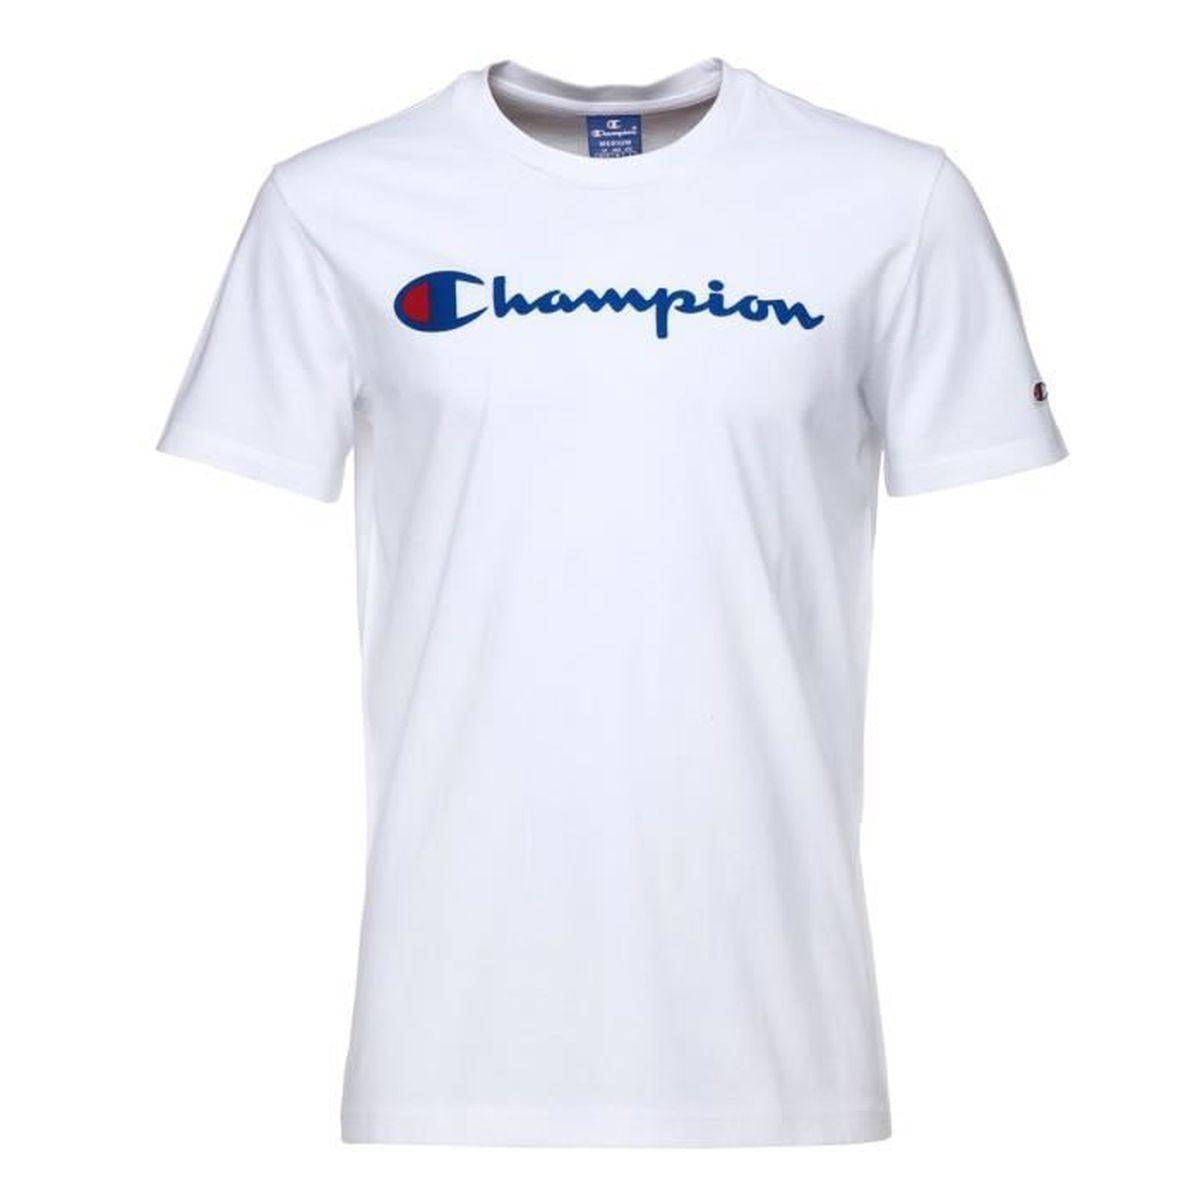 Tee shirt champion homme - Achat   Vente pas cher 12d2a4654ce1